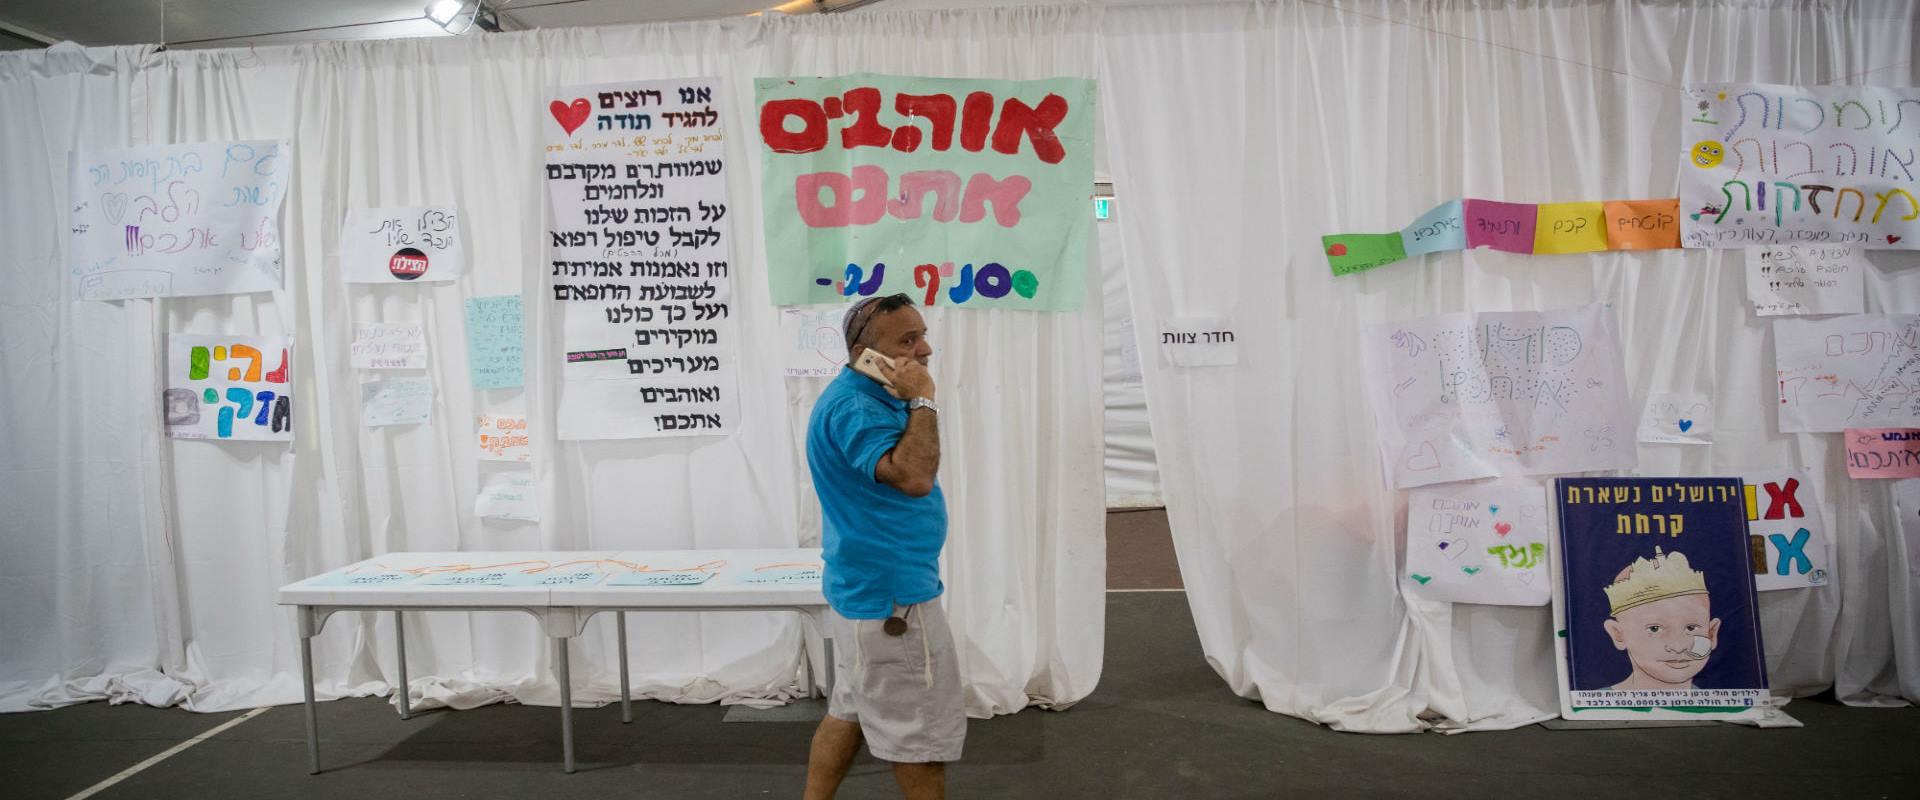 אחד ממובילי מחאת ההורים באוהל המחאה בירושלים, יוני